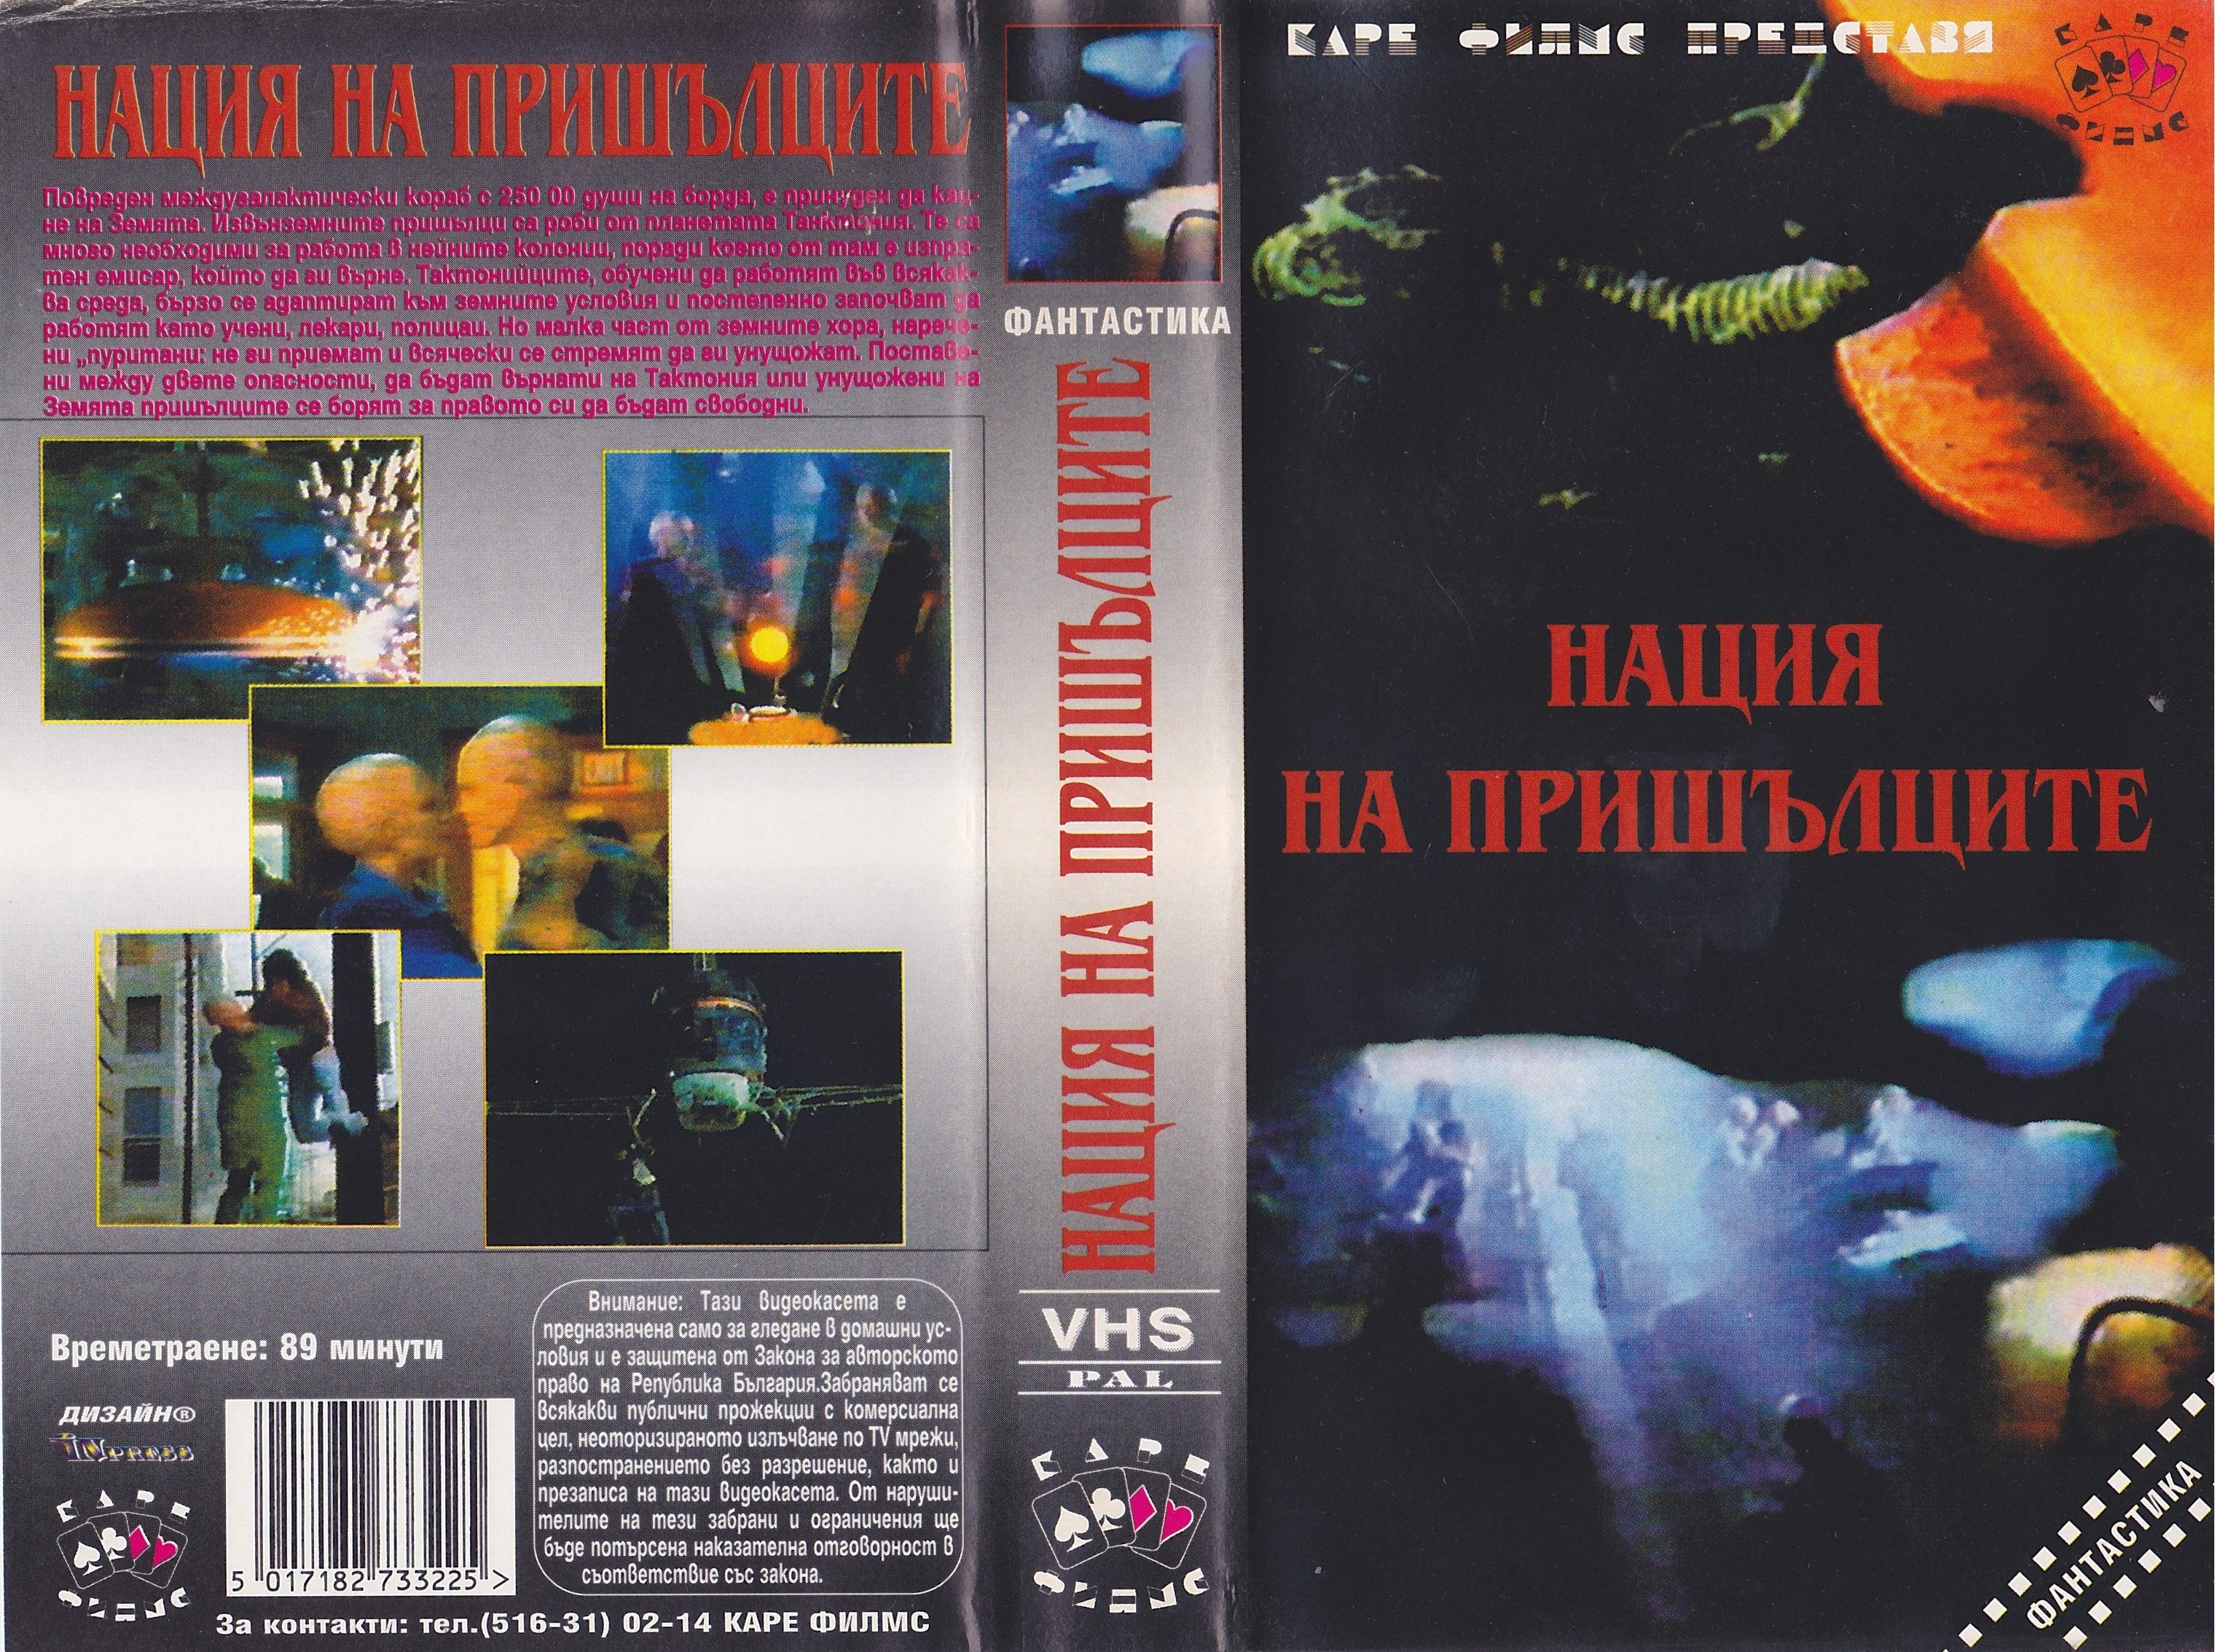 Нация на пришълцитe филм постер